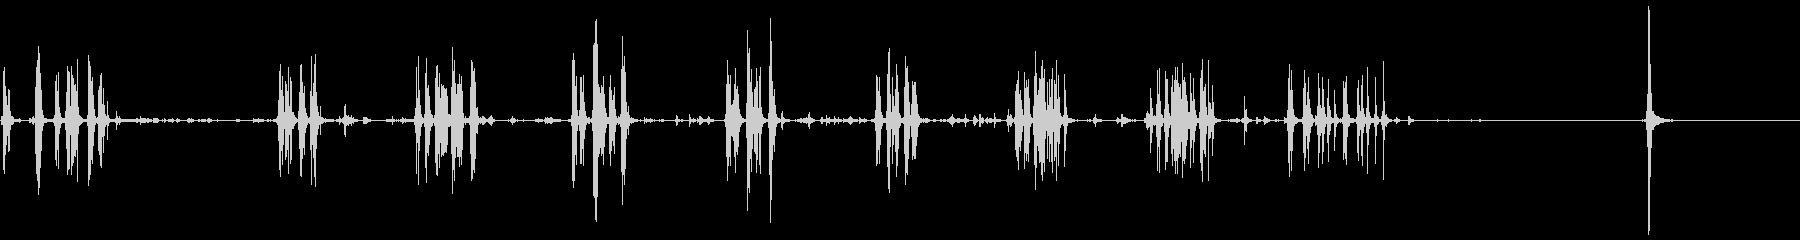 ビデオテープ、ローラーx2の未再生の波形